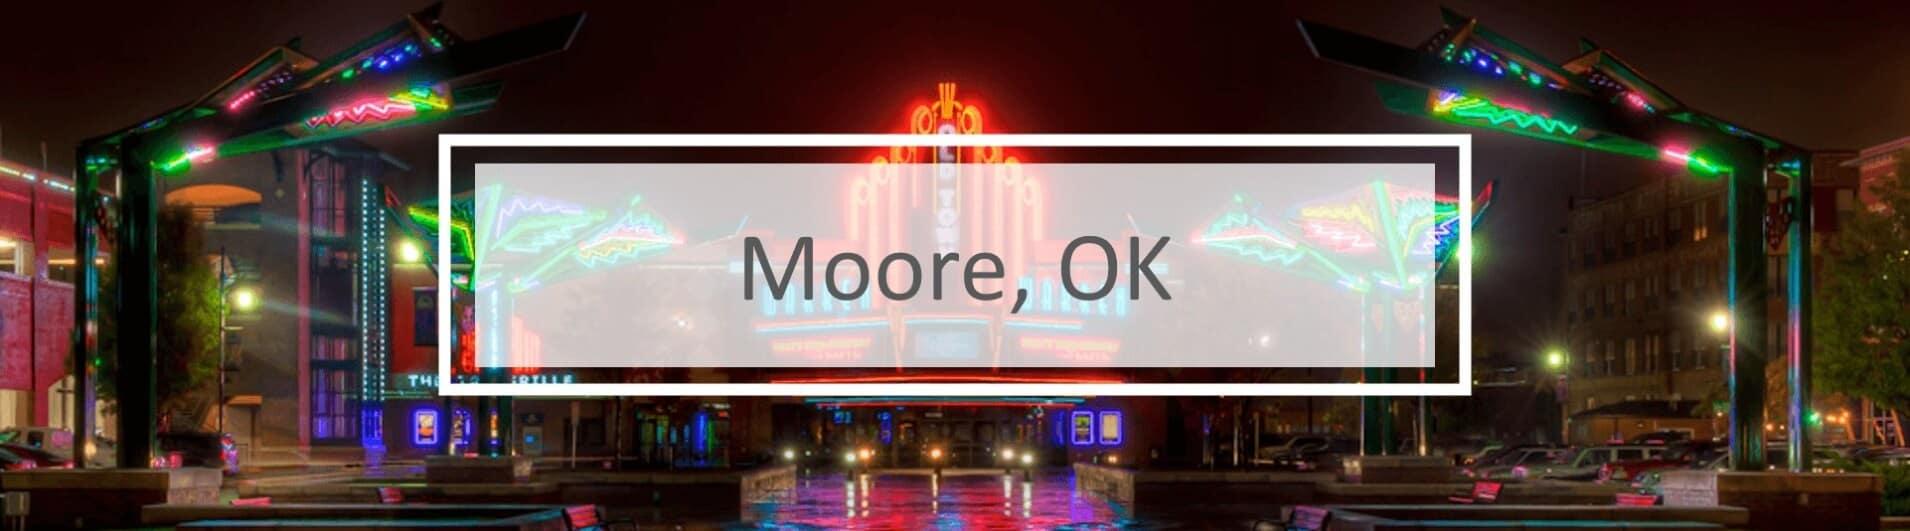 CDJR in Moore, OK